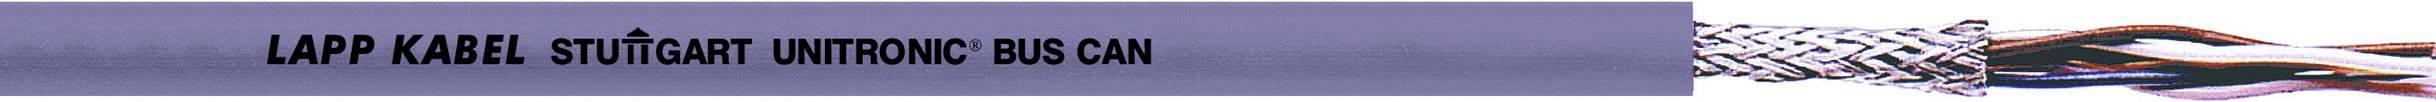 Sběrnicový kabel LAPP UNITRONIC® BUS 2170266, vnější Ø 7.50 mm, fialová, 500 m